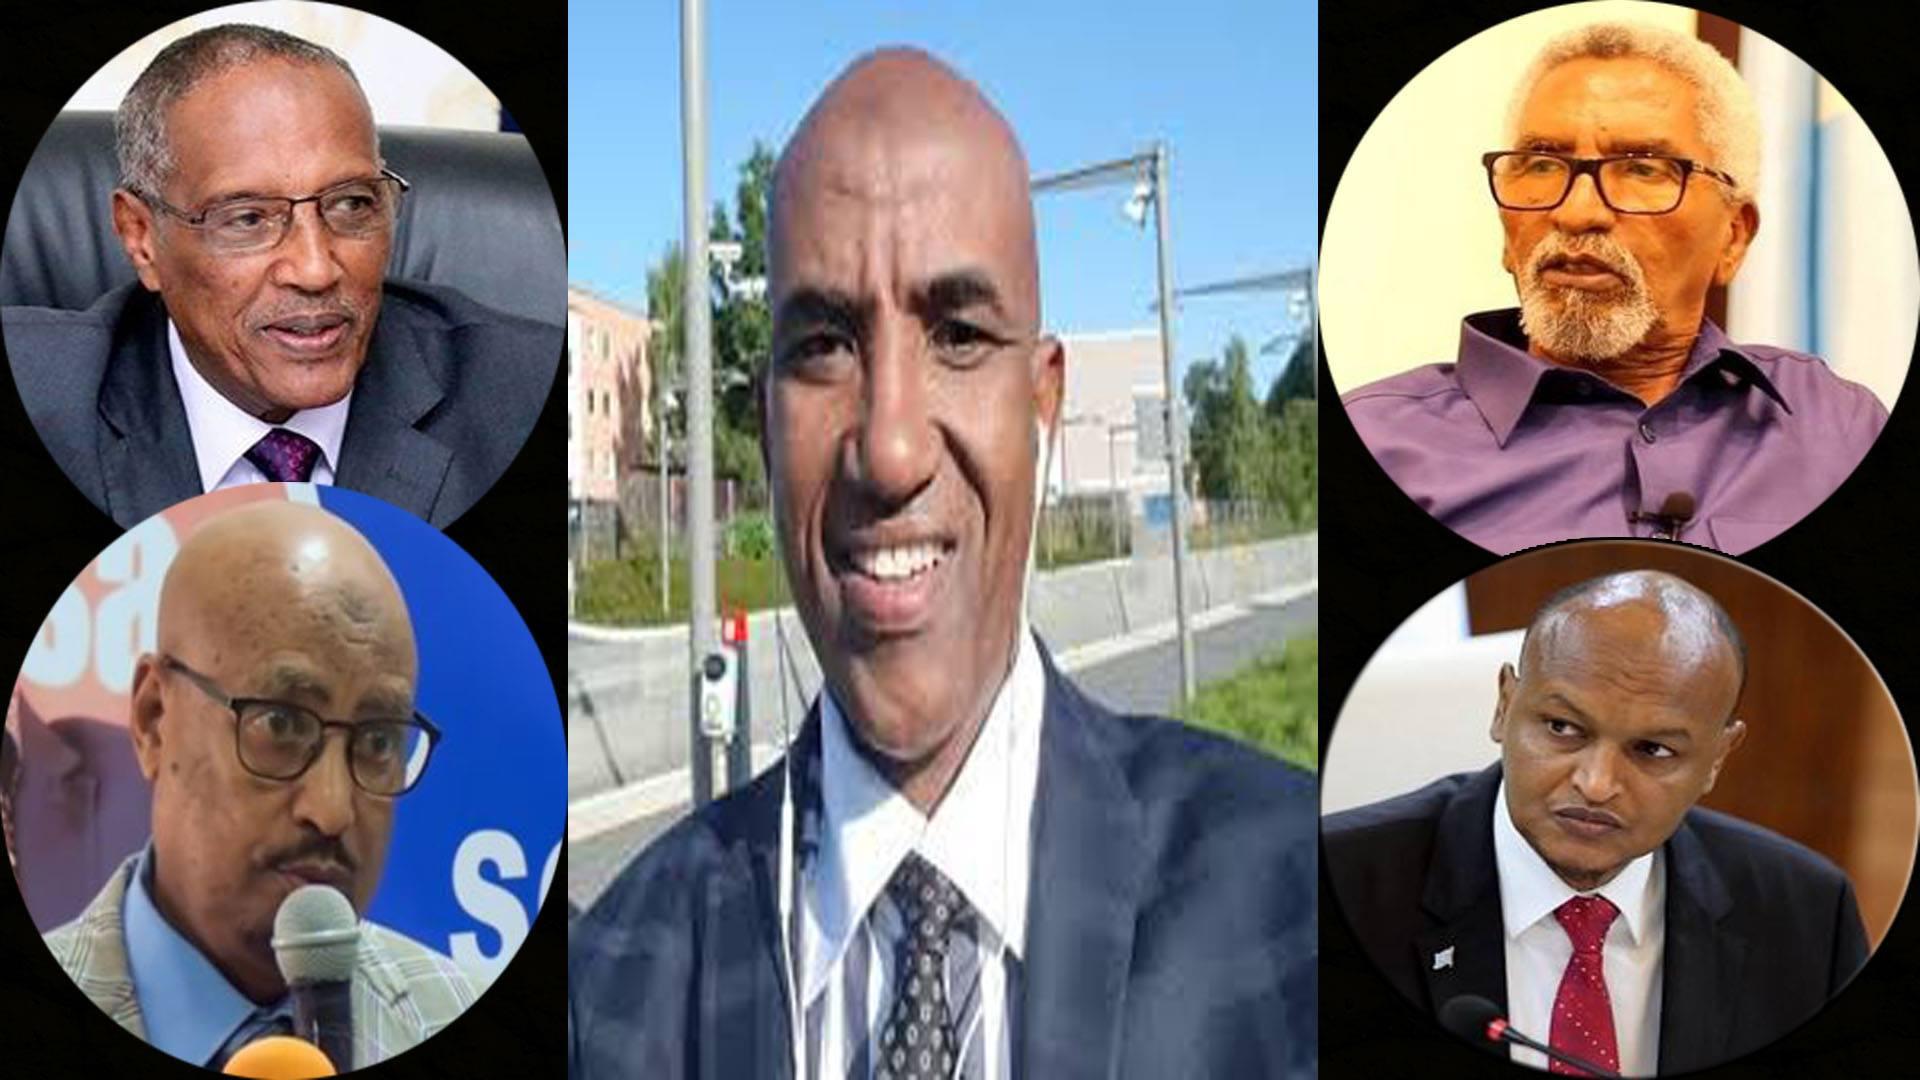 Daawo:-Somaliland Oo Fashil Ku Dhaw, Muqdisho Oo Loo Jihaystay Iyo Isbadalada Geeska...Waraysi Dr. Dool